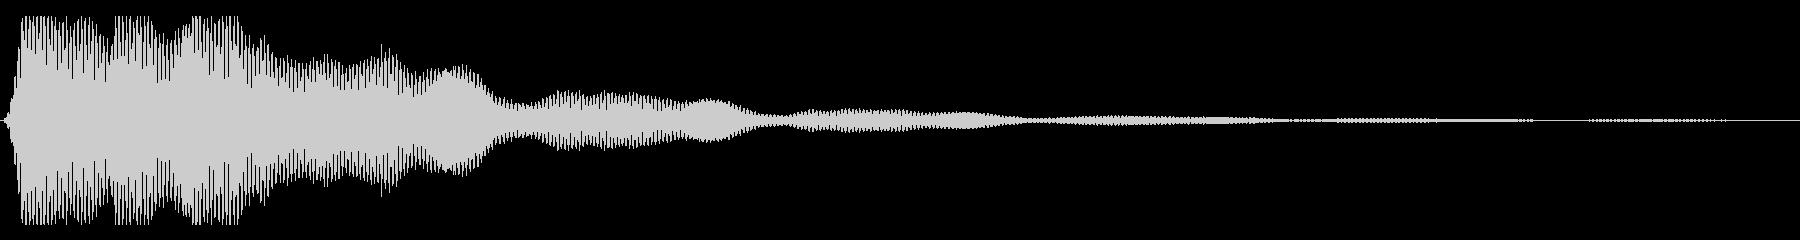 【ホラー】暗く不気味な音の未再生の波形